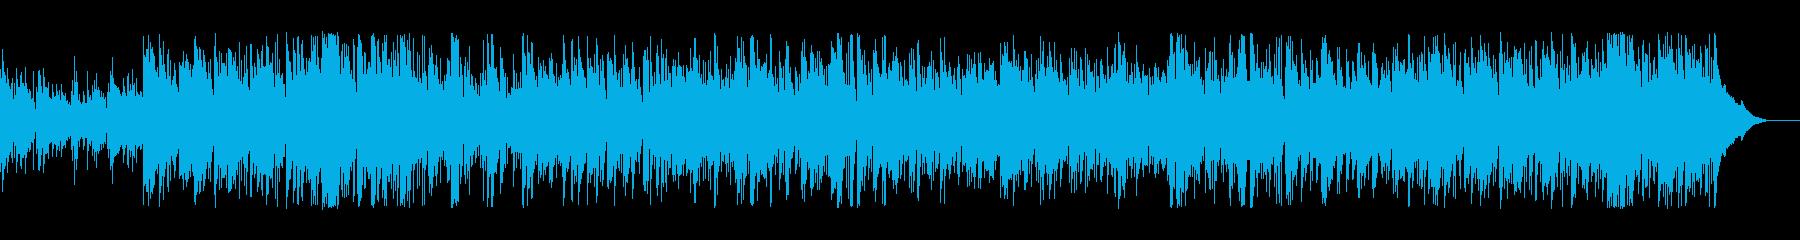 アンプラグド 説明的 静か 楽しげ...の再生済みの波形